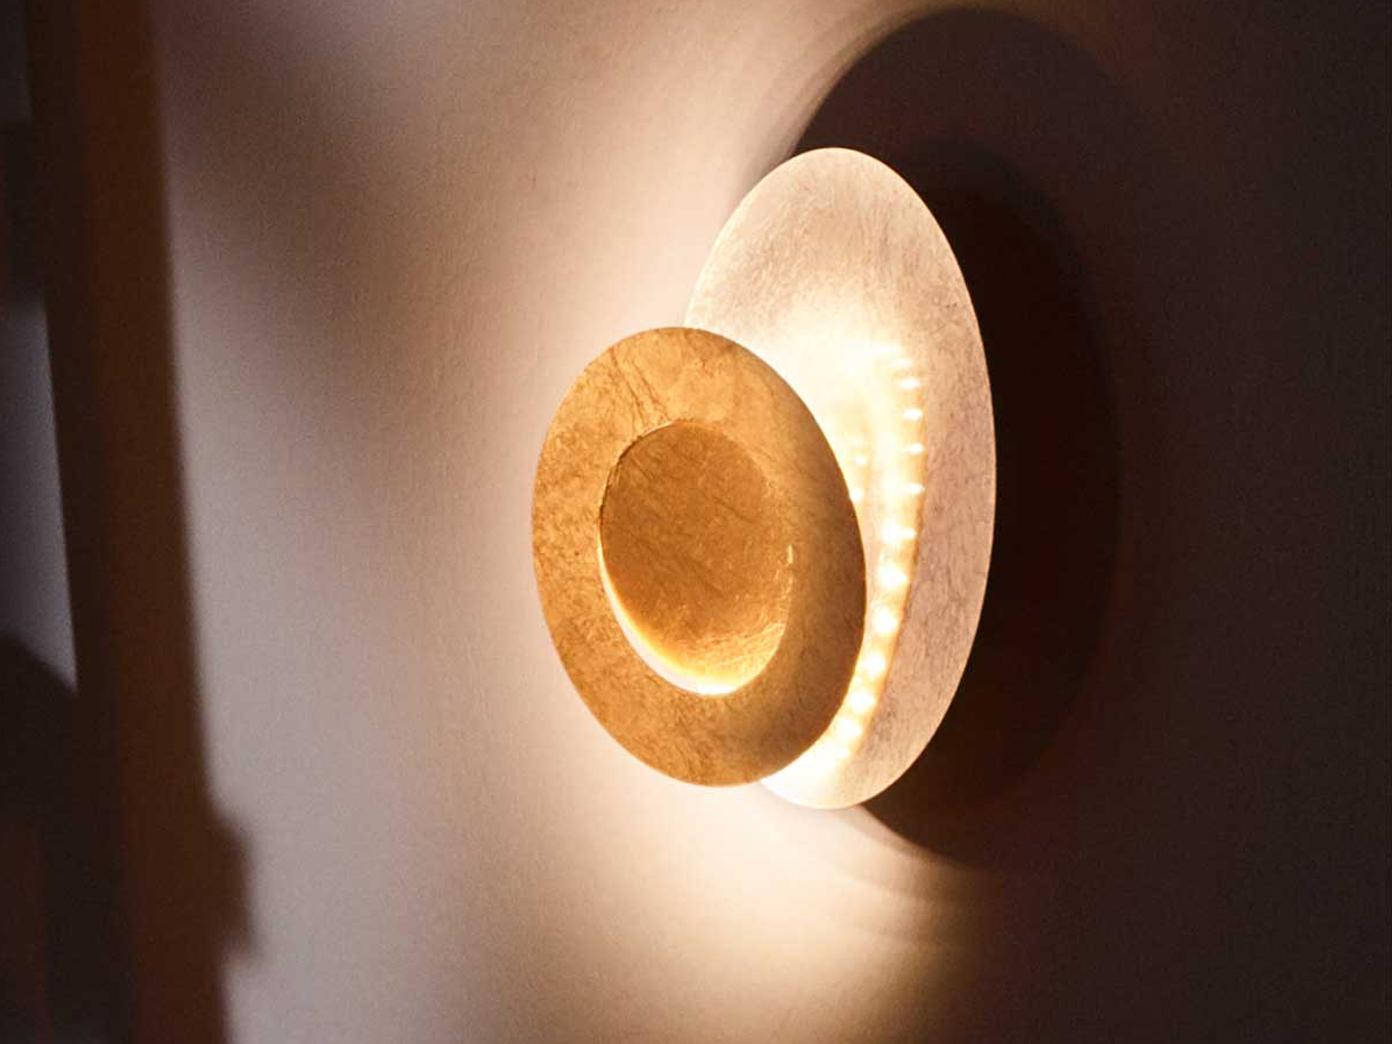 Design Led Wandleuchte 10 Watt Goldfarben O 24 Cm Elegante